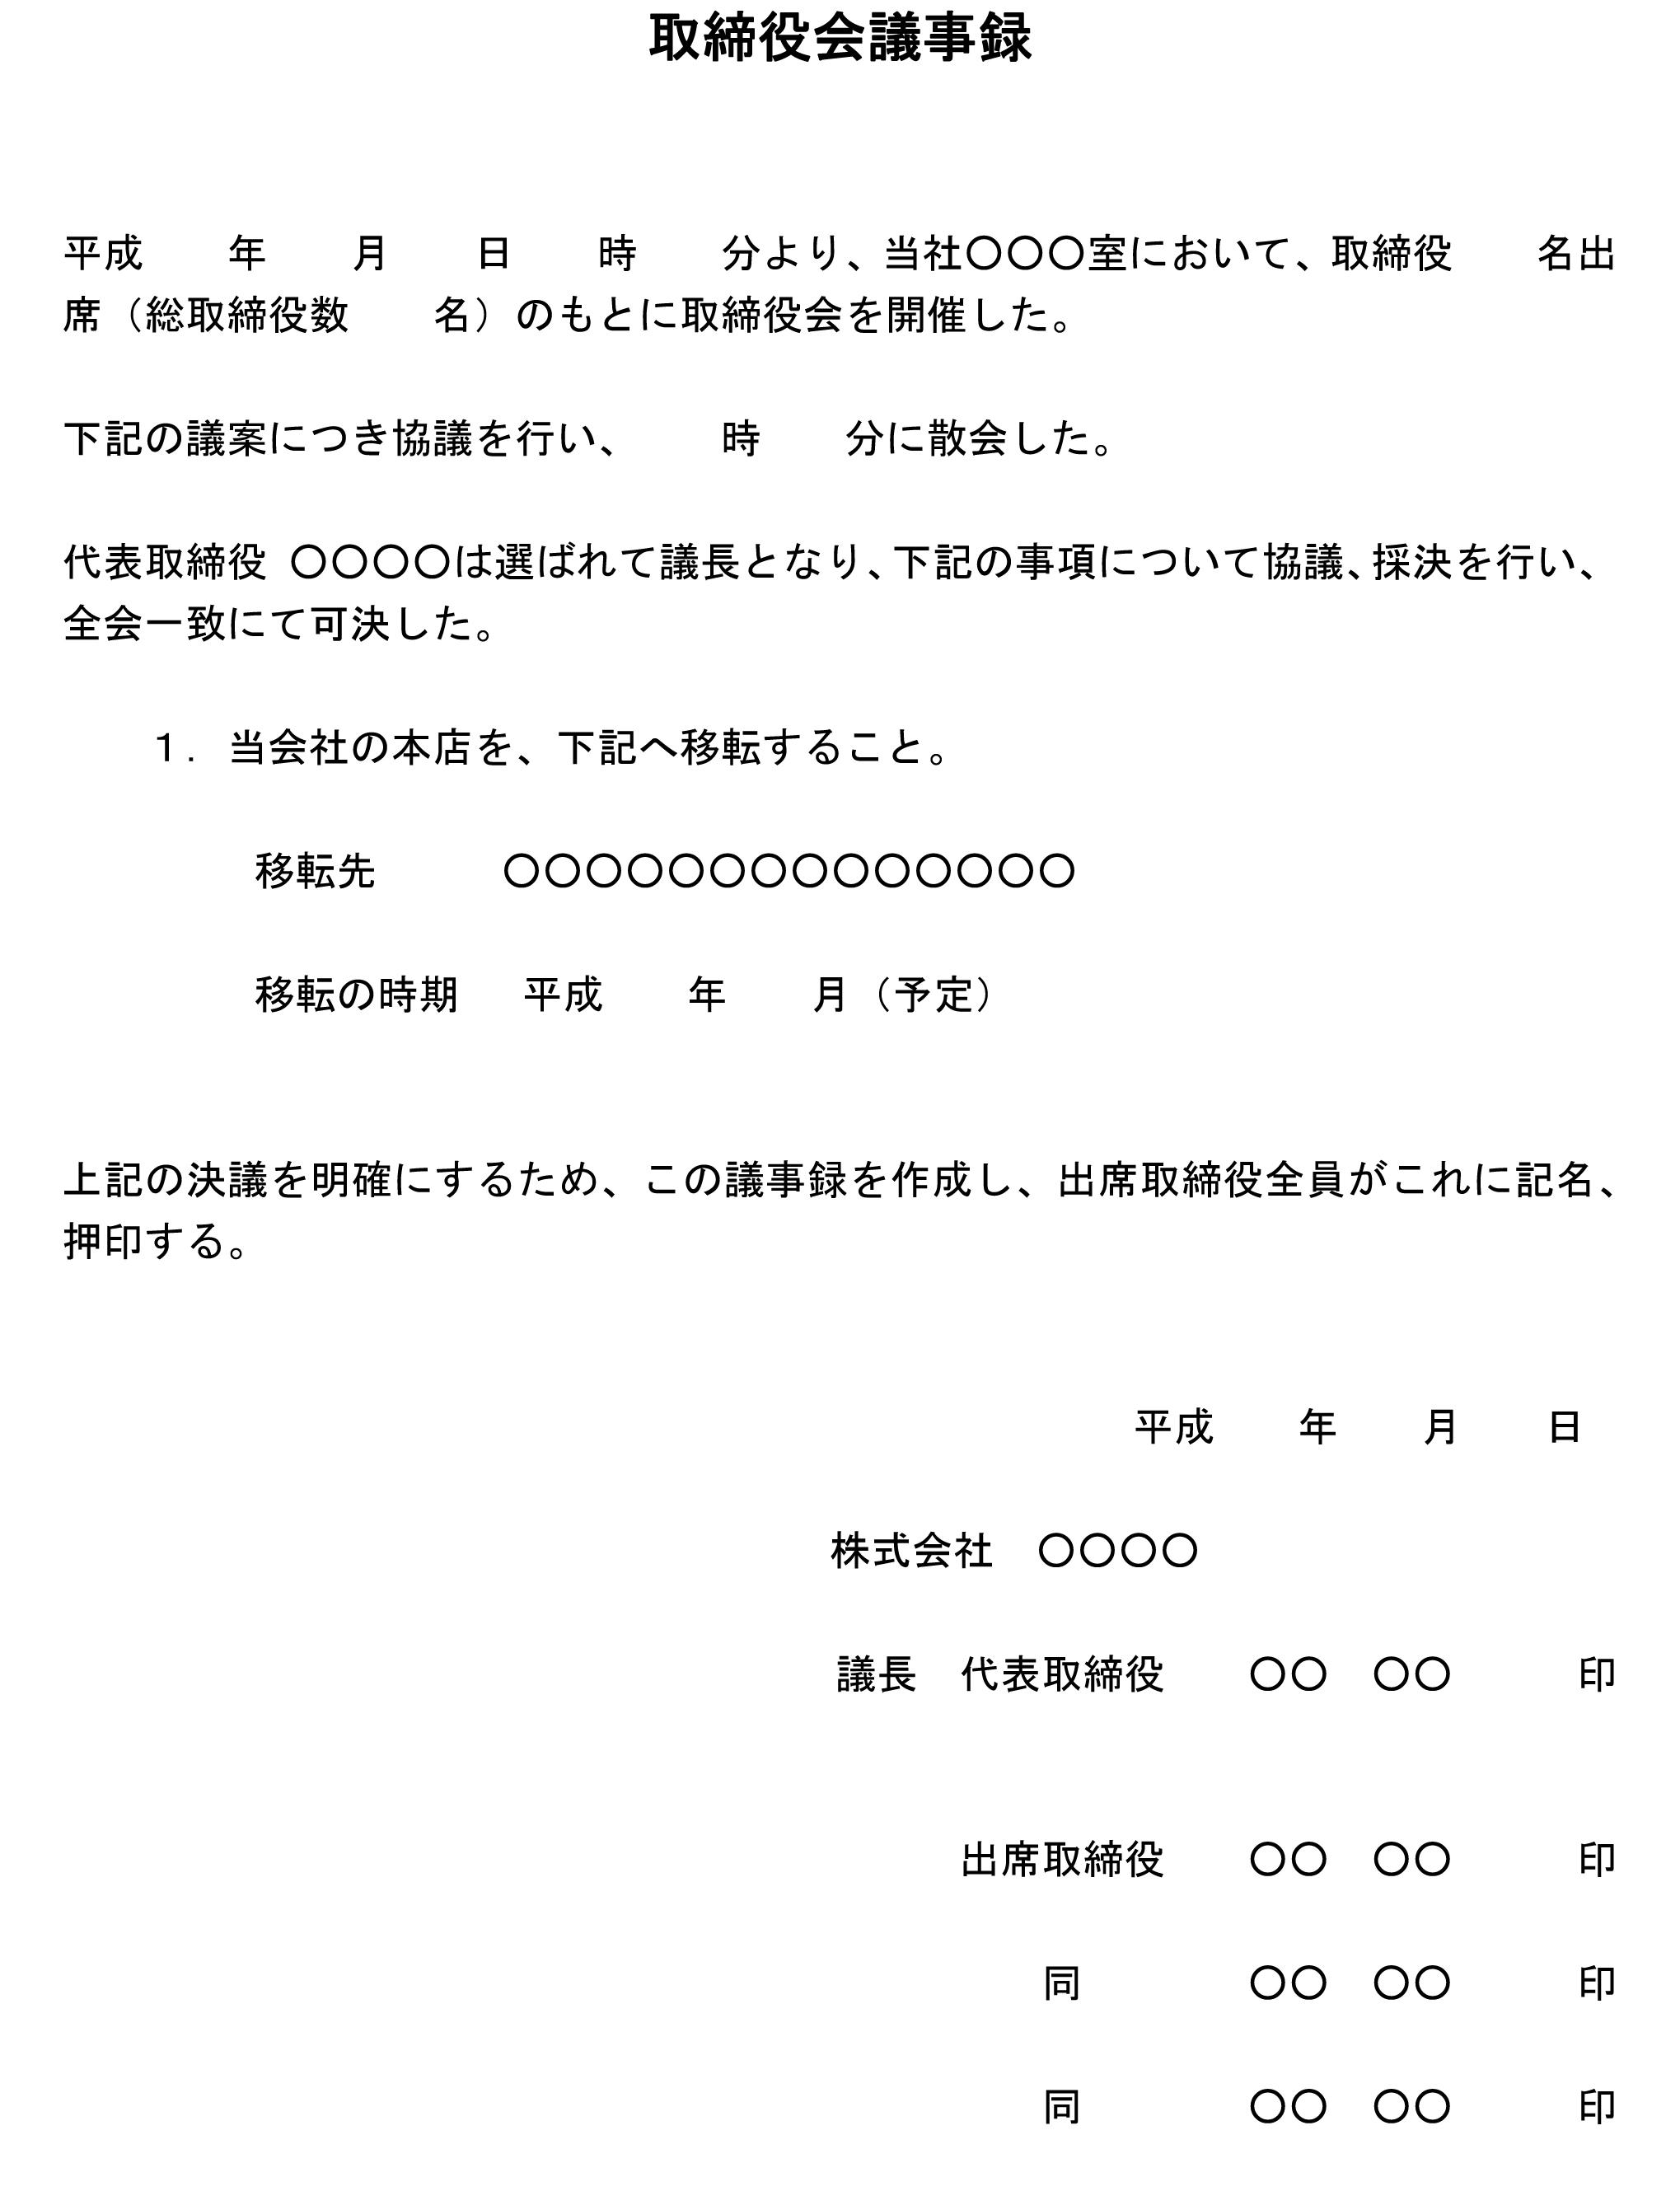 取締役会議事録(本店移転)02